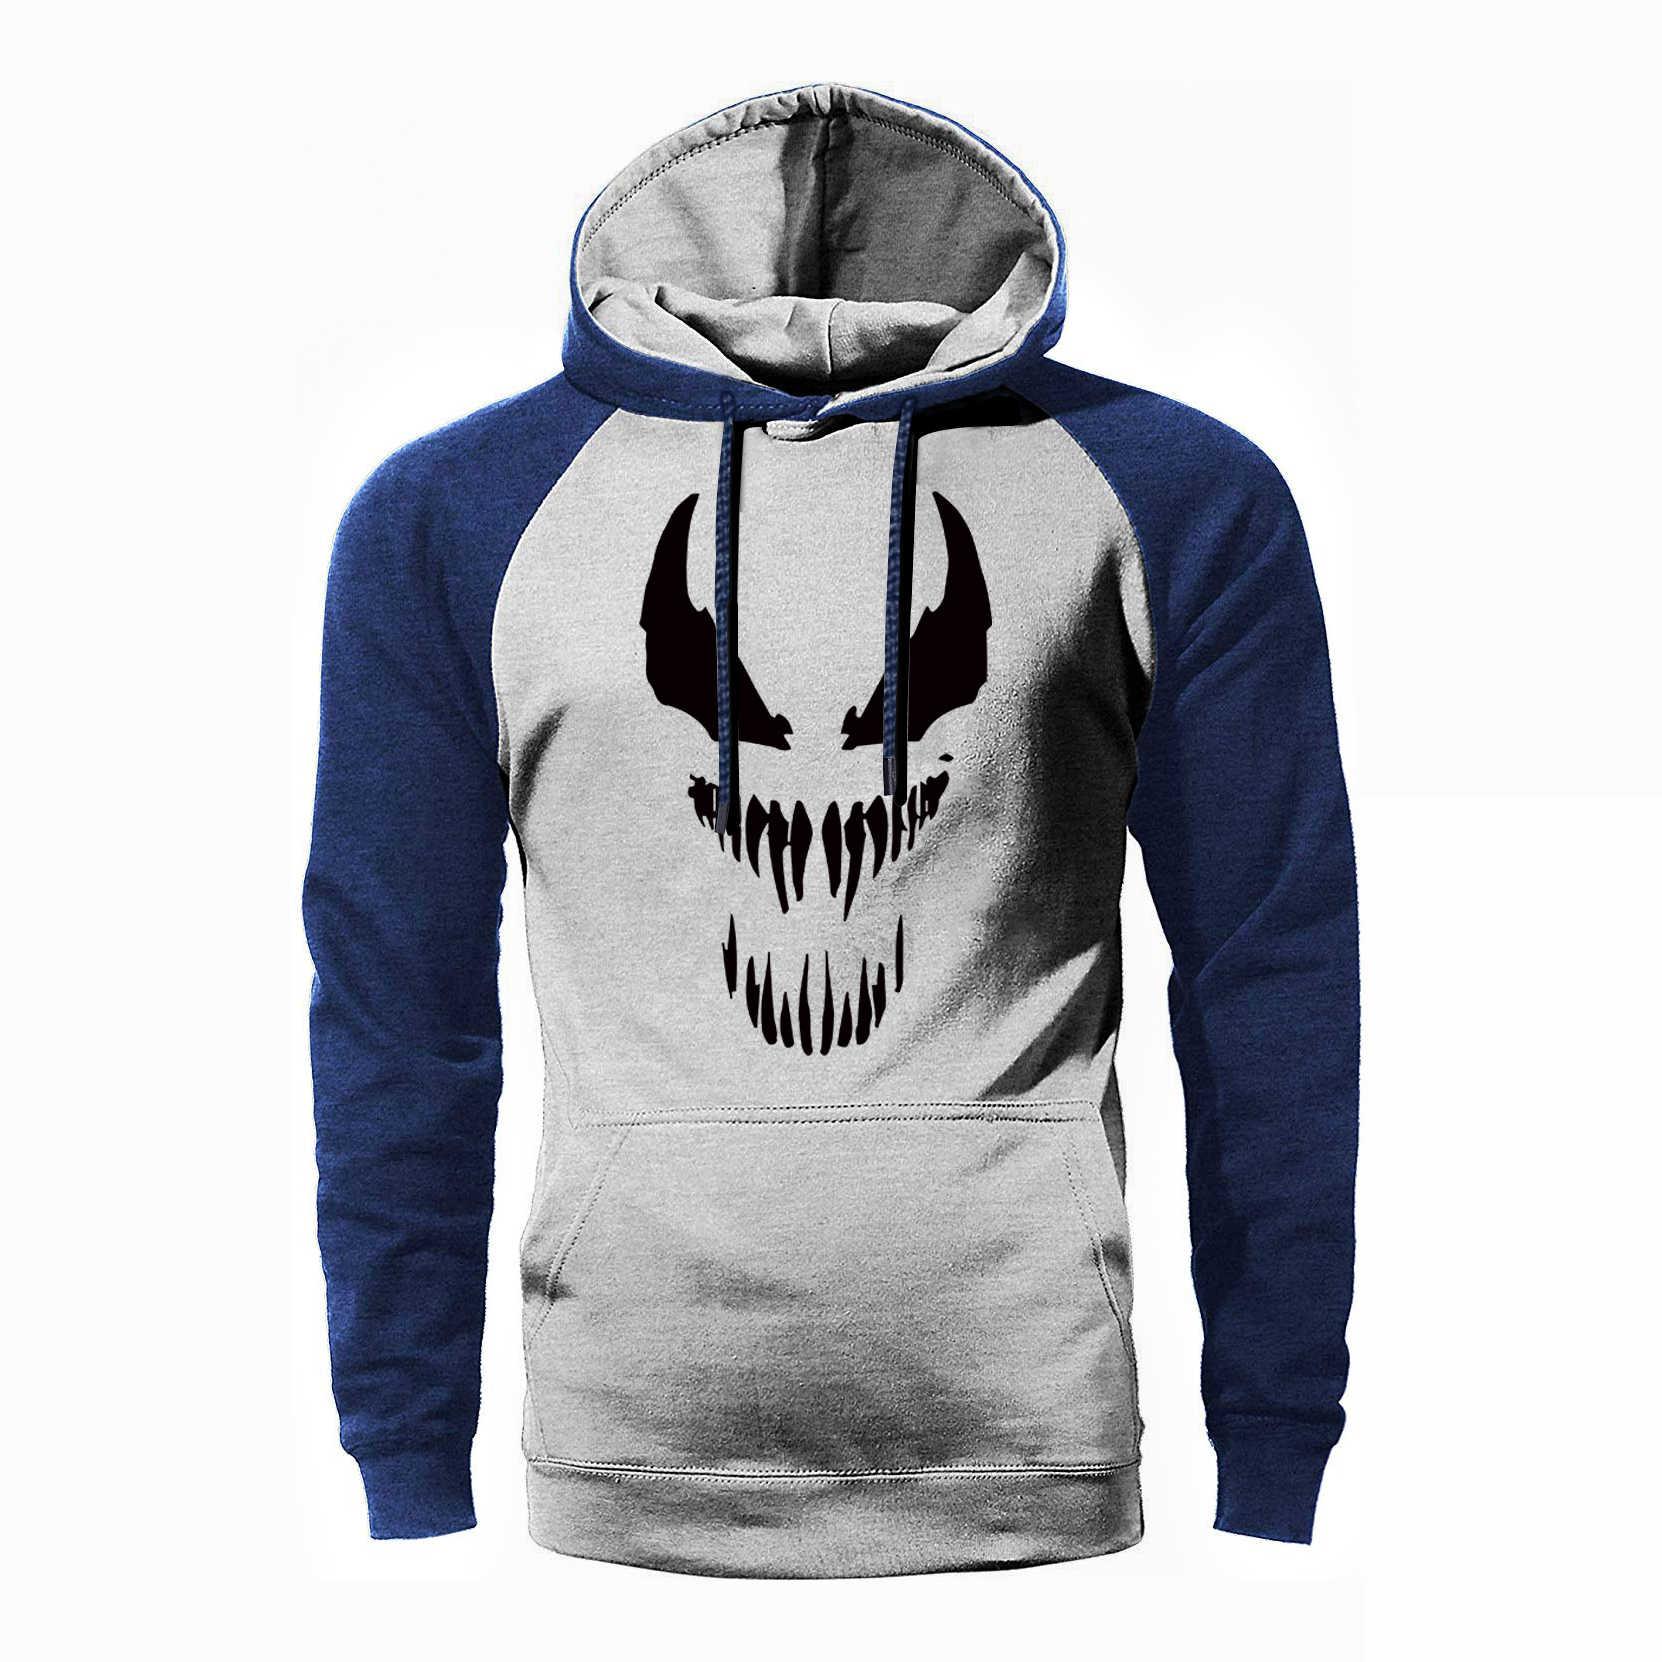 Super Hero Venom Raglan Hoodie Männer Kühlen Hoodies Herren Hipster Mit Kapuze Sweatshirt Neue Stil Frühling Herbst Hoody Hip Hop Streetwear